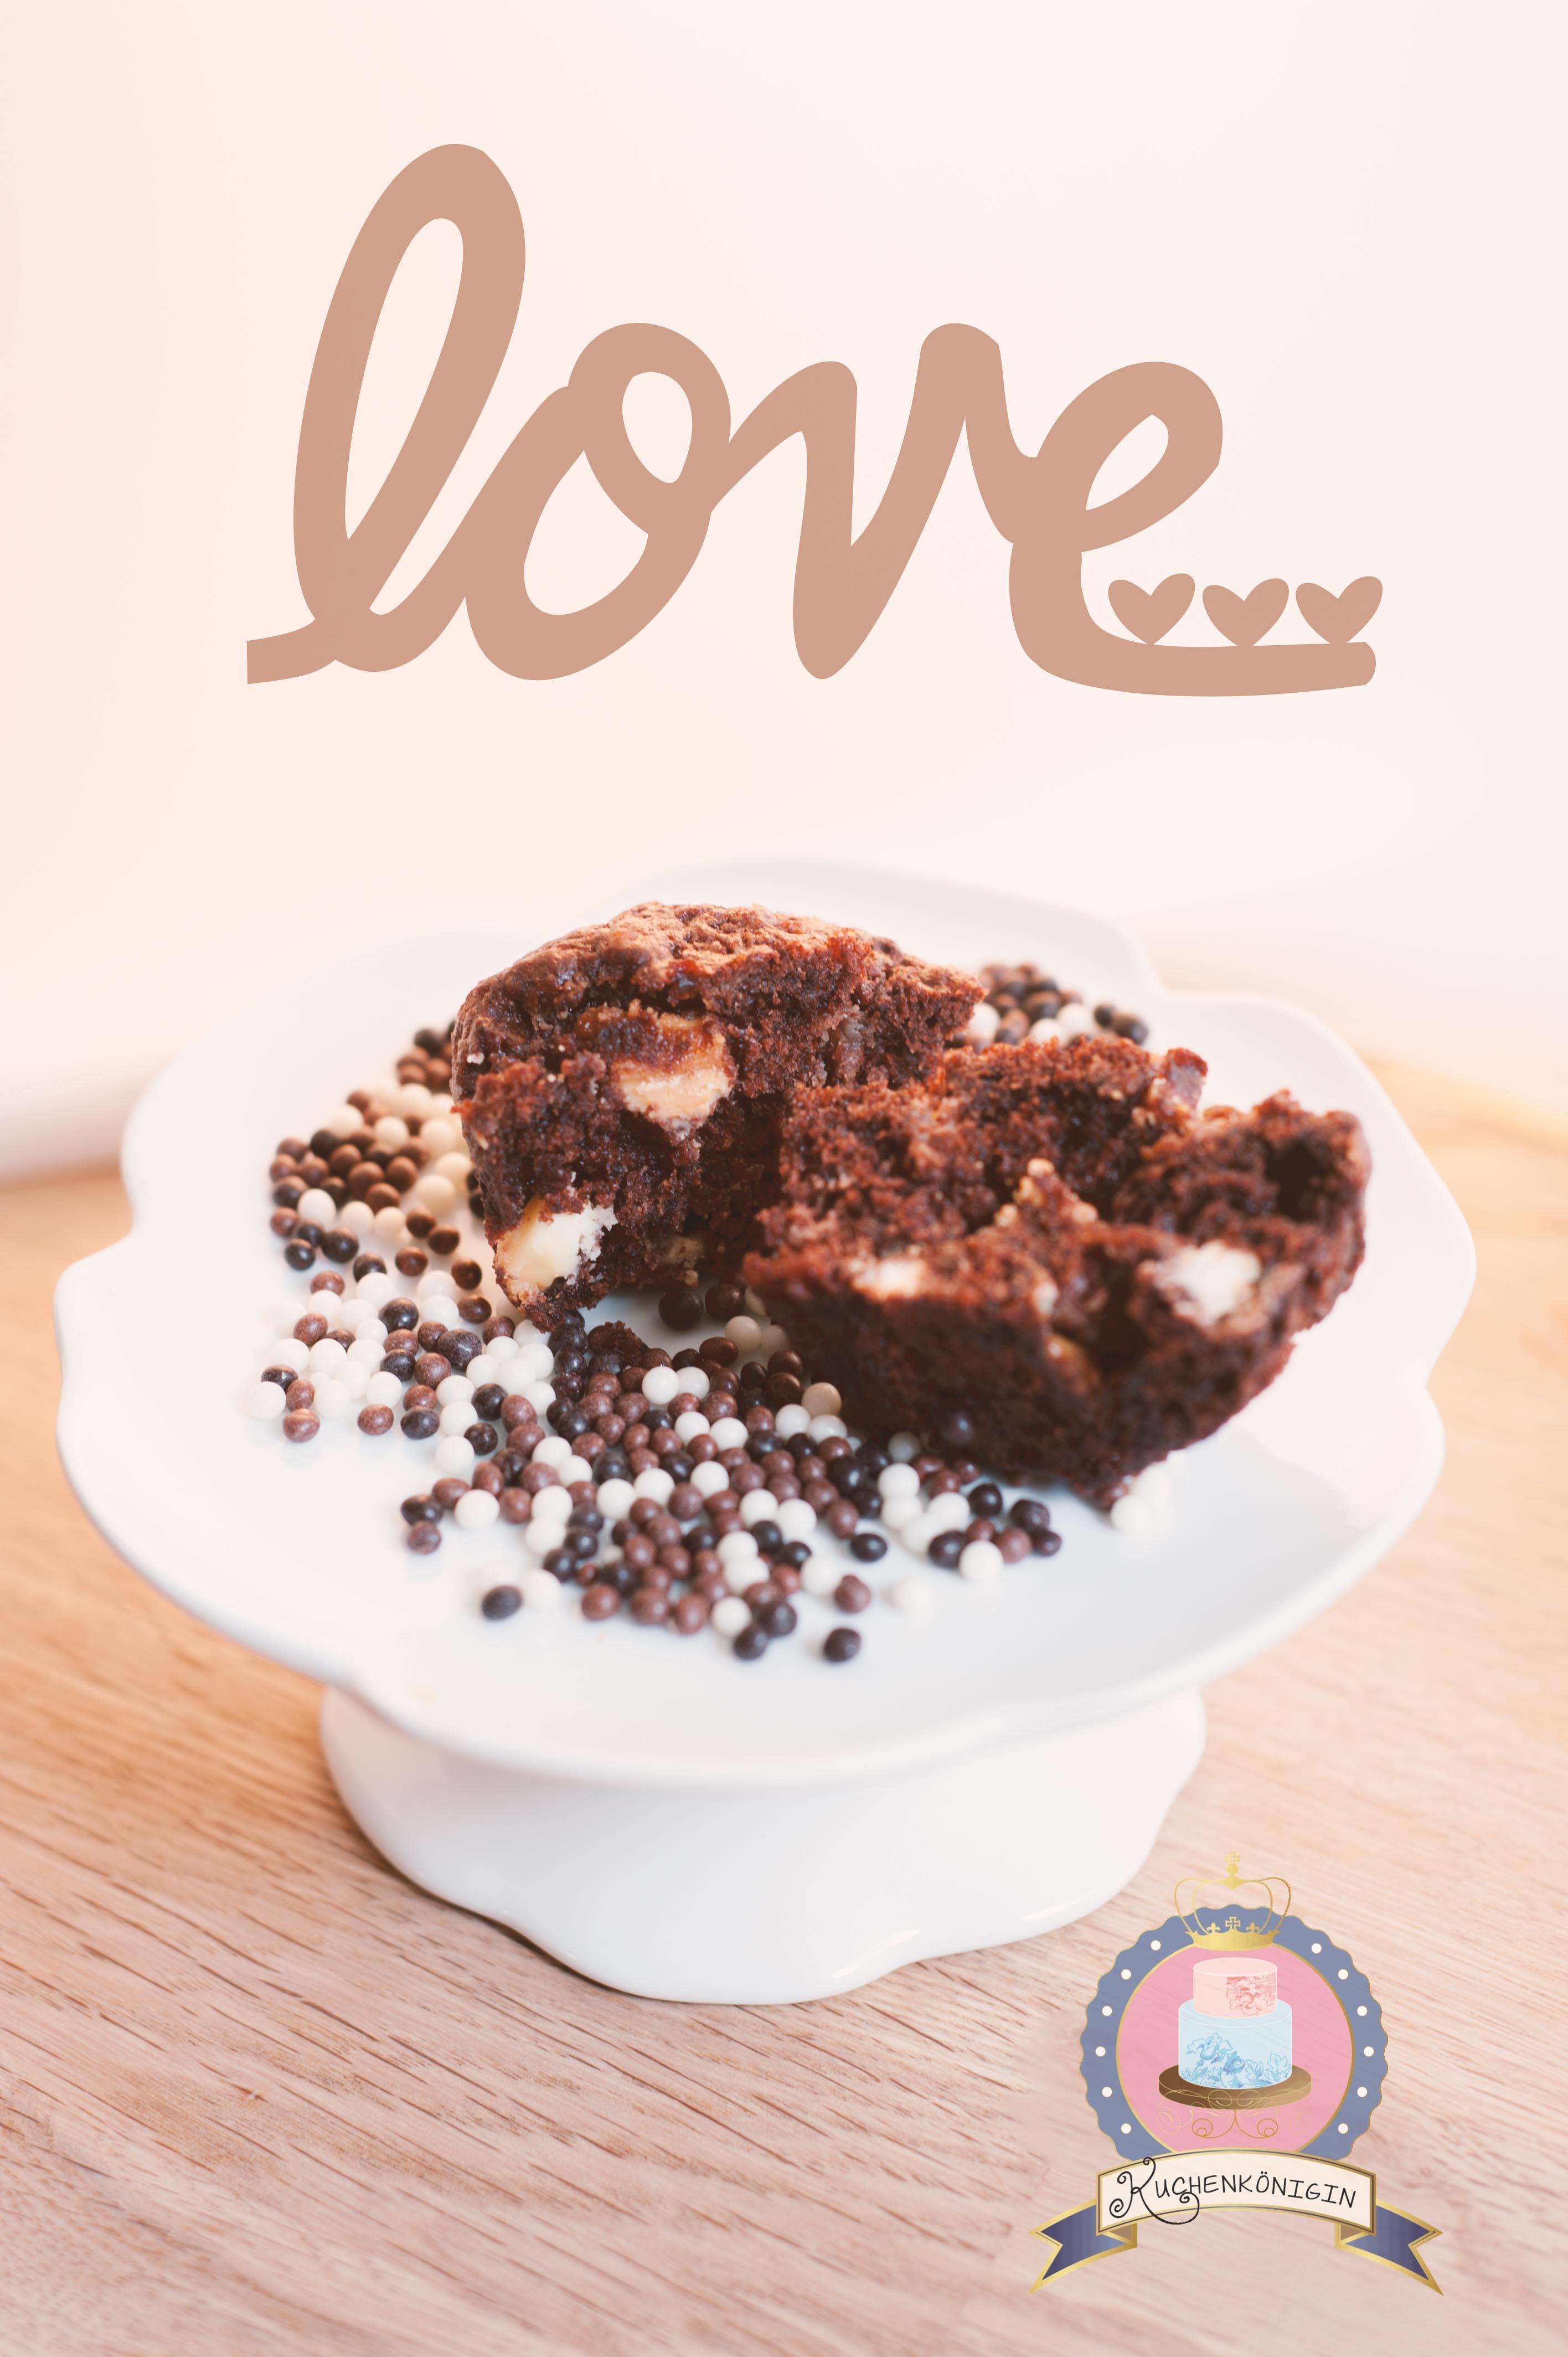 Weiße & dunkle Schokolade Cupcakes